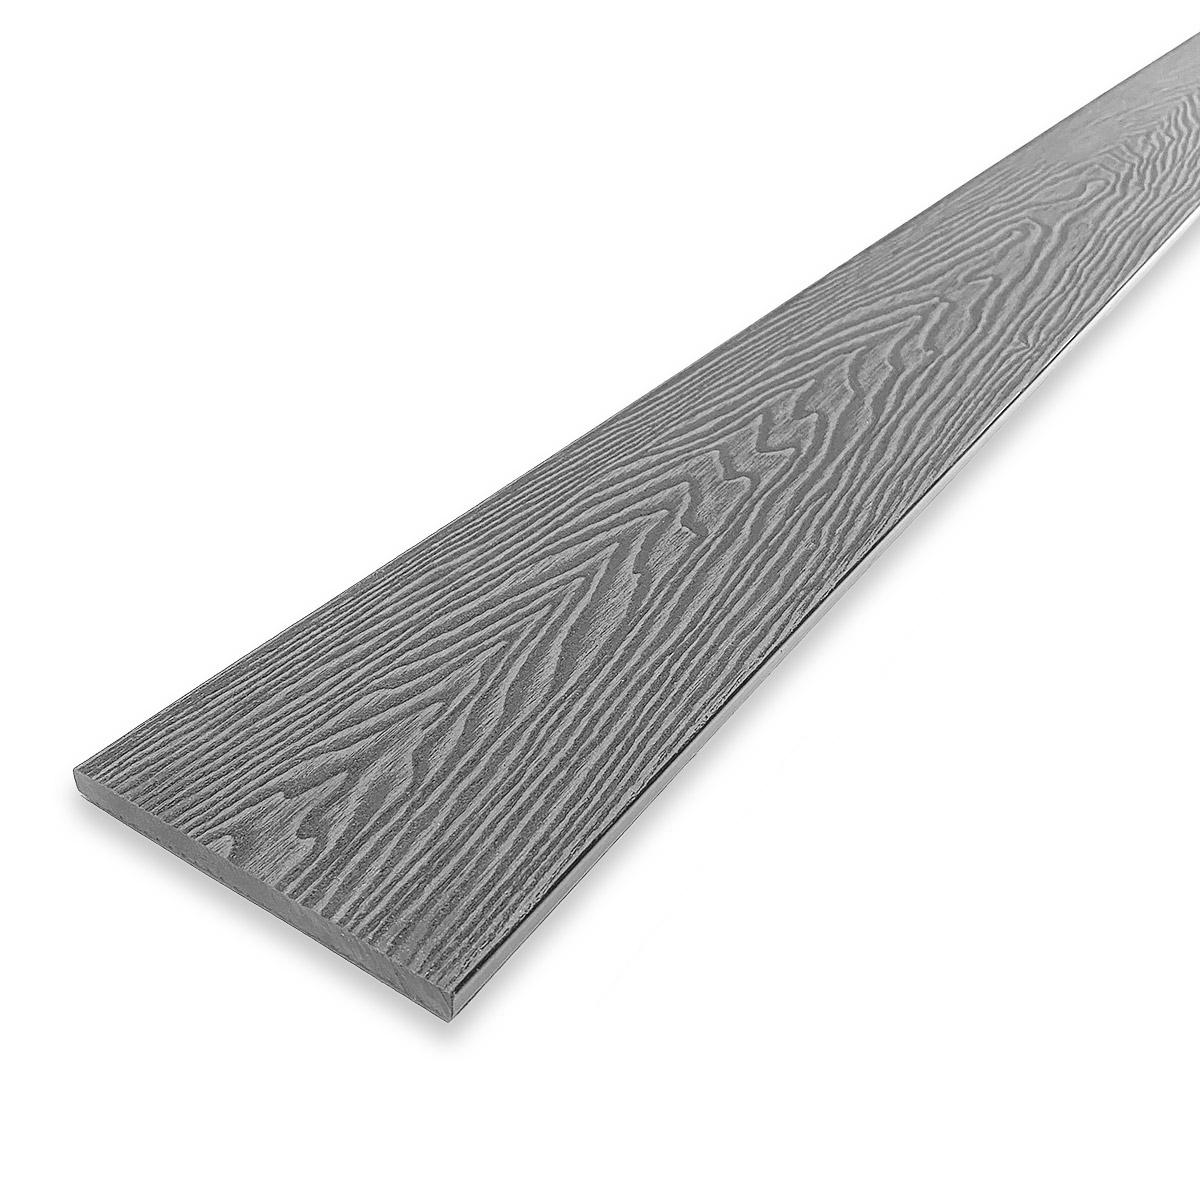 2.2m Composite Fascia Board